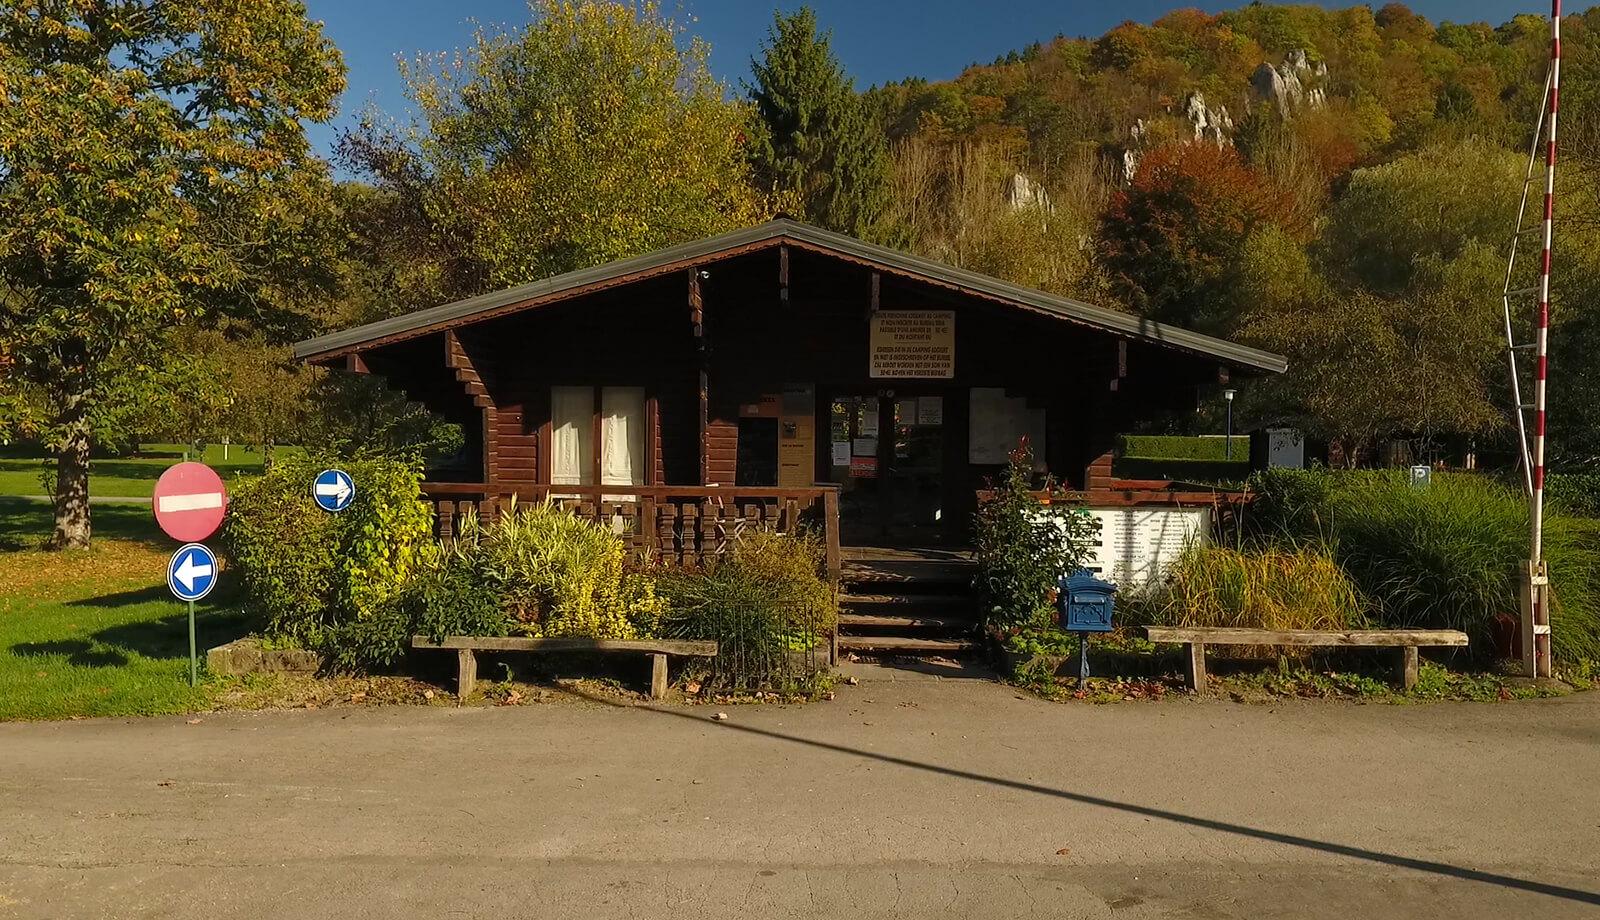 Der Campingplatz ist geöffnet von 8:00 bis 22:00